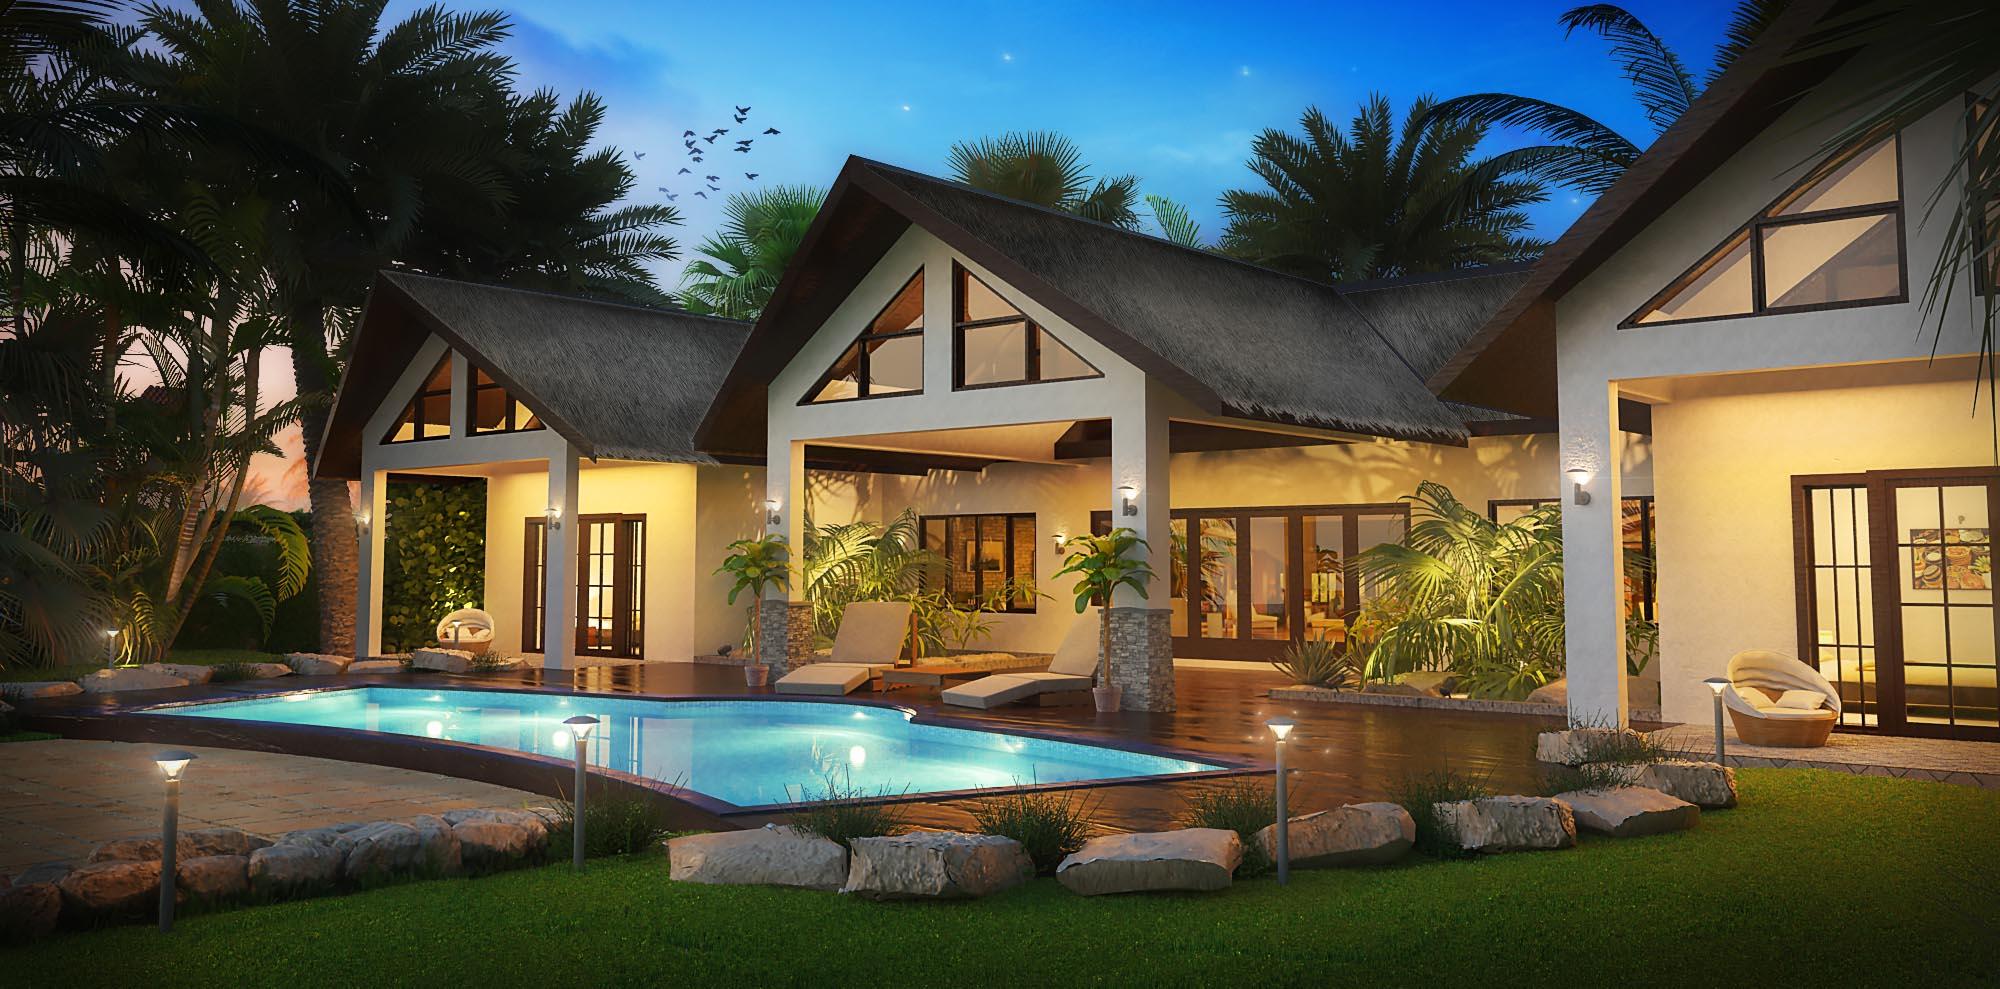 bangalow 1 - Dusit Thani Resort